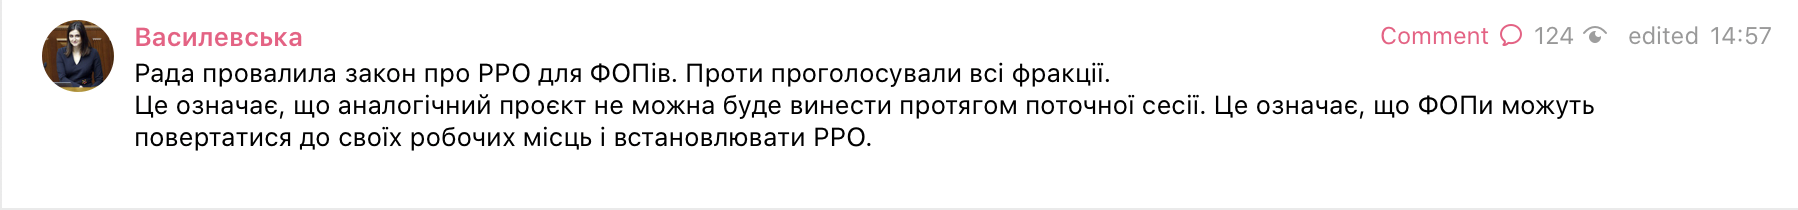 Нардепы повторно провалили законопроект об отсрочке РРО